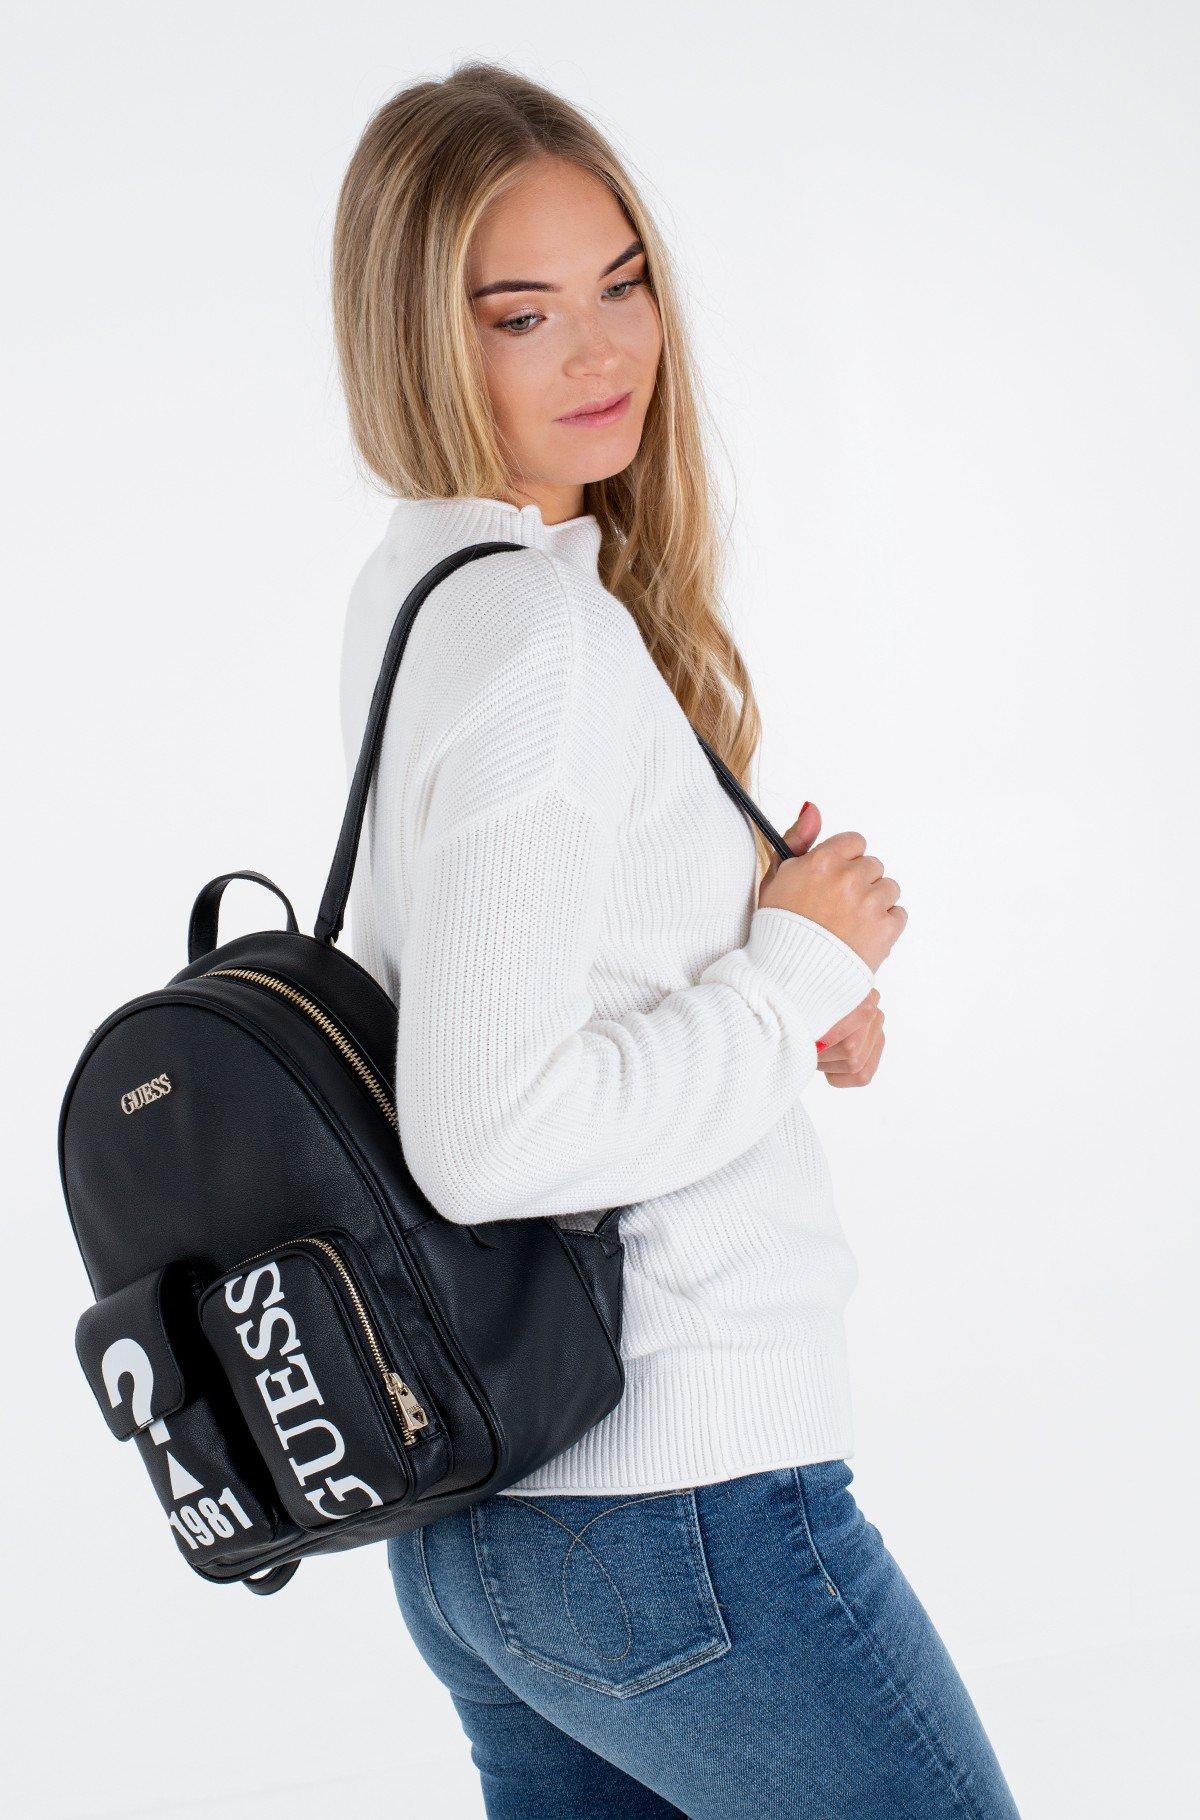 Backbag HWVQ77 51330-full-1